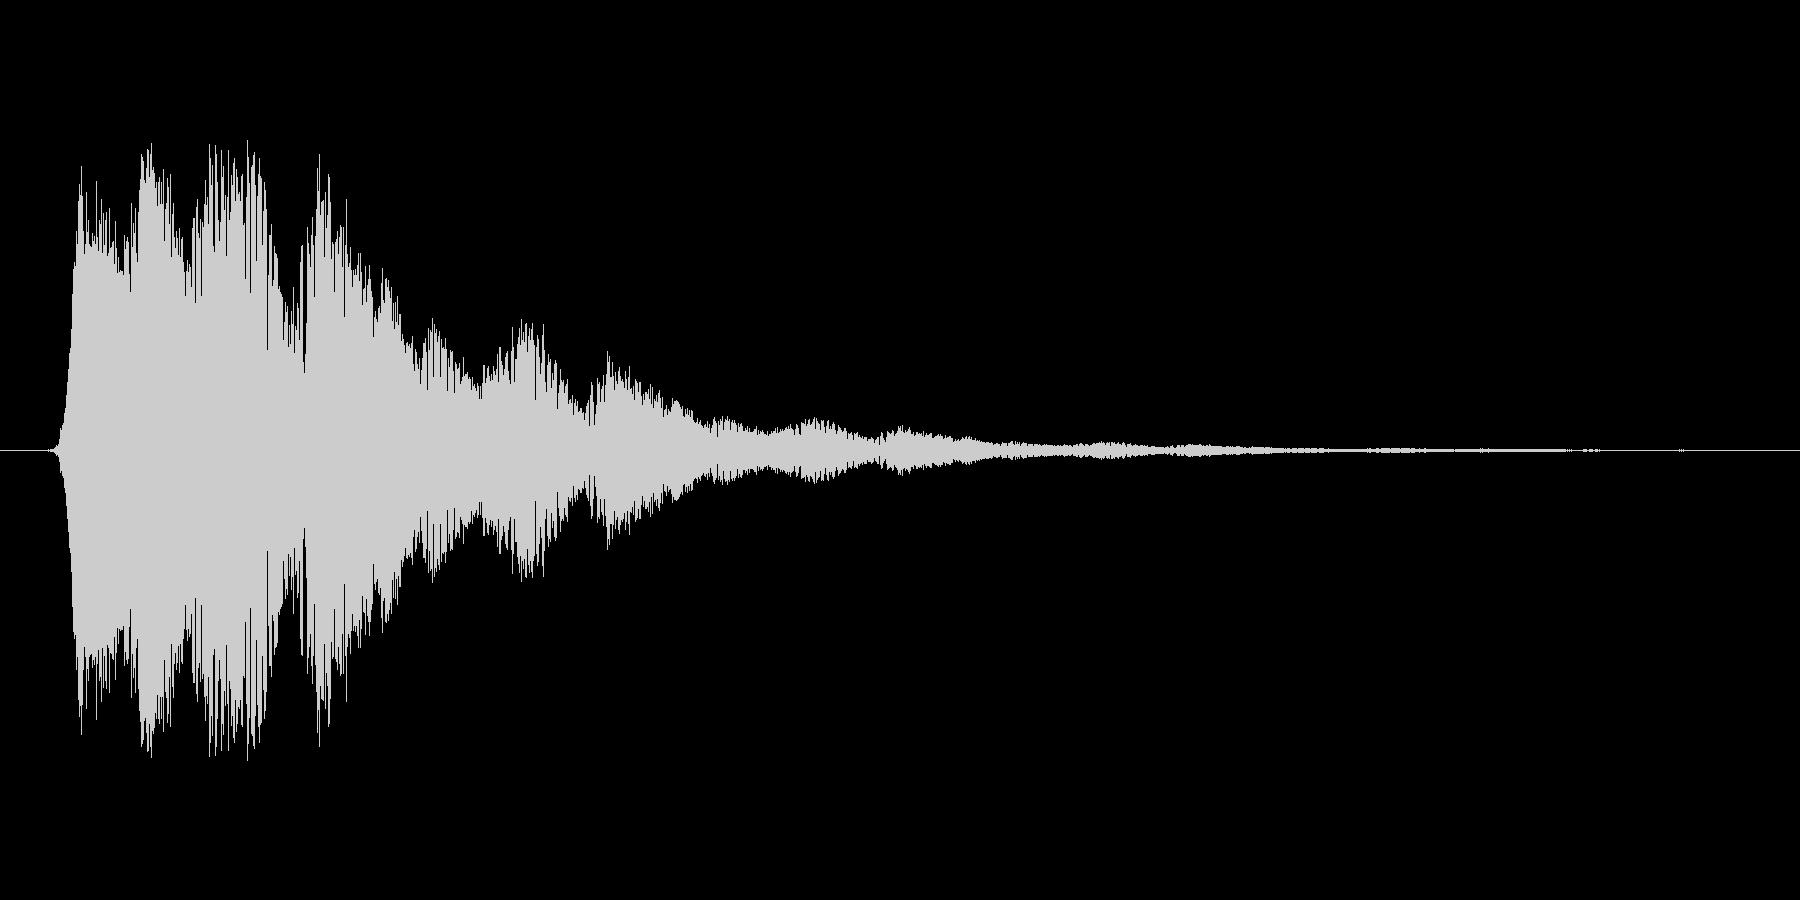 ファミコン風効果音決定音系です 02の未再生の波形